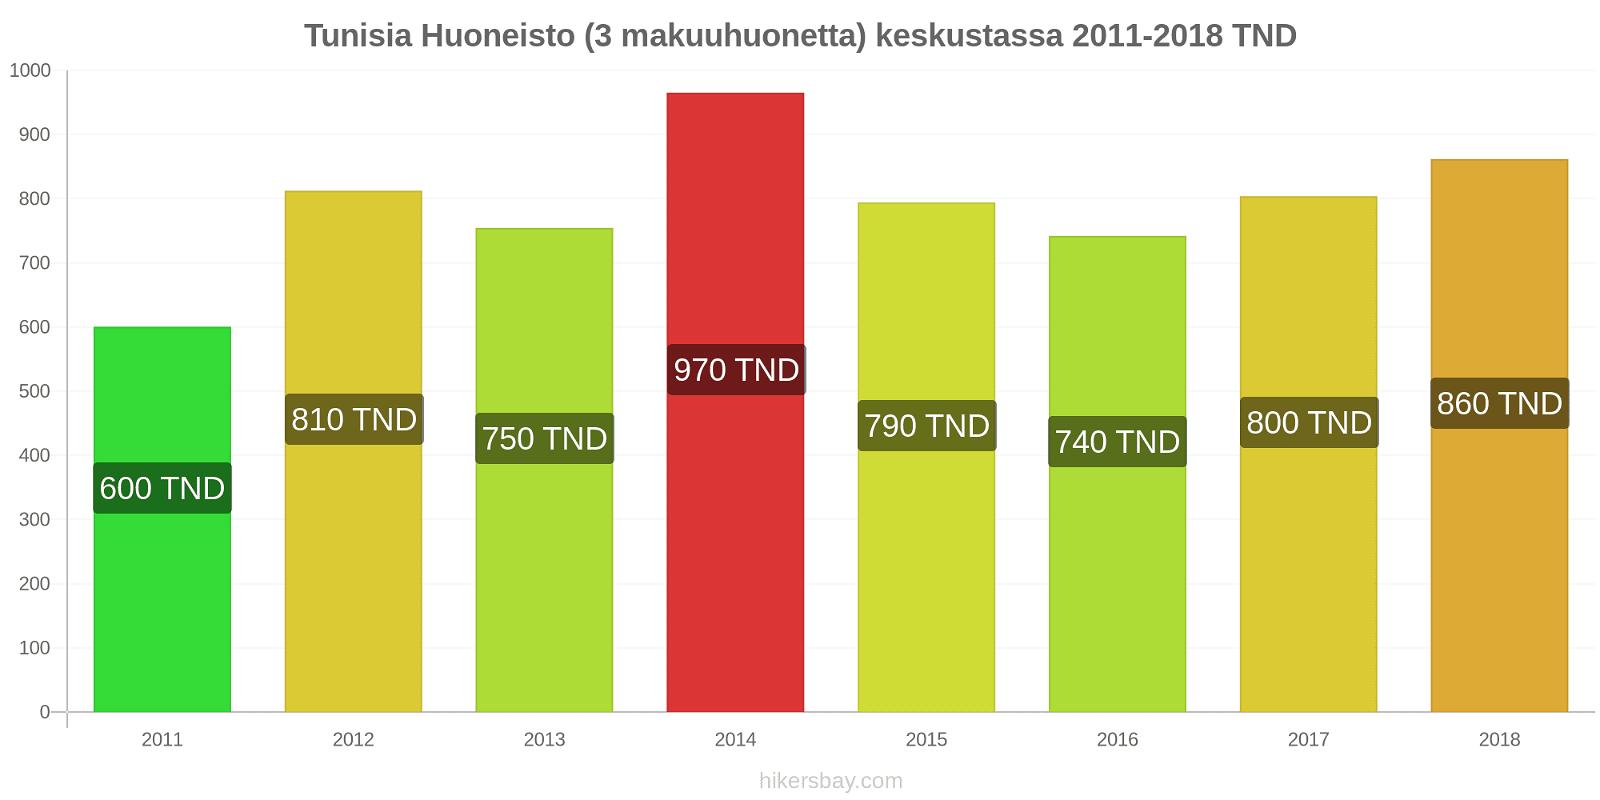 Tunisia hintojen muutokset Huoneisto (3 makuuhuonetta) keskustassa hikersbay.com